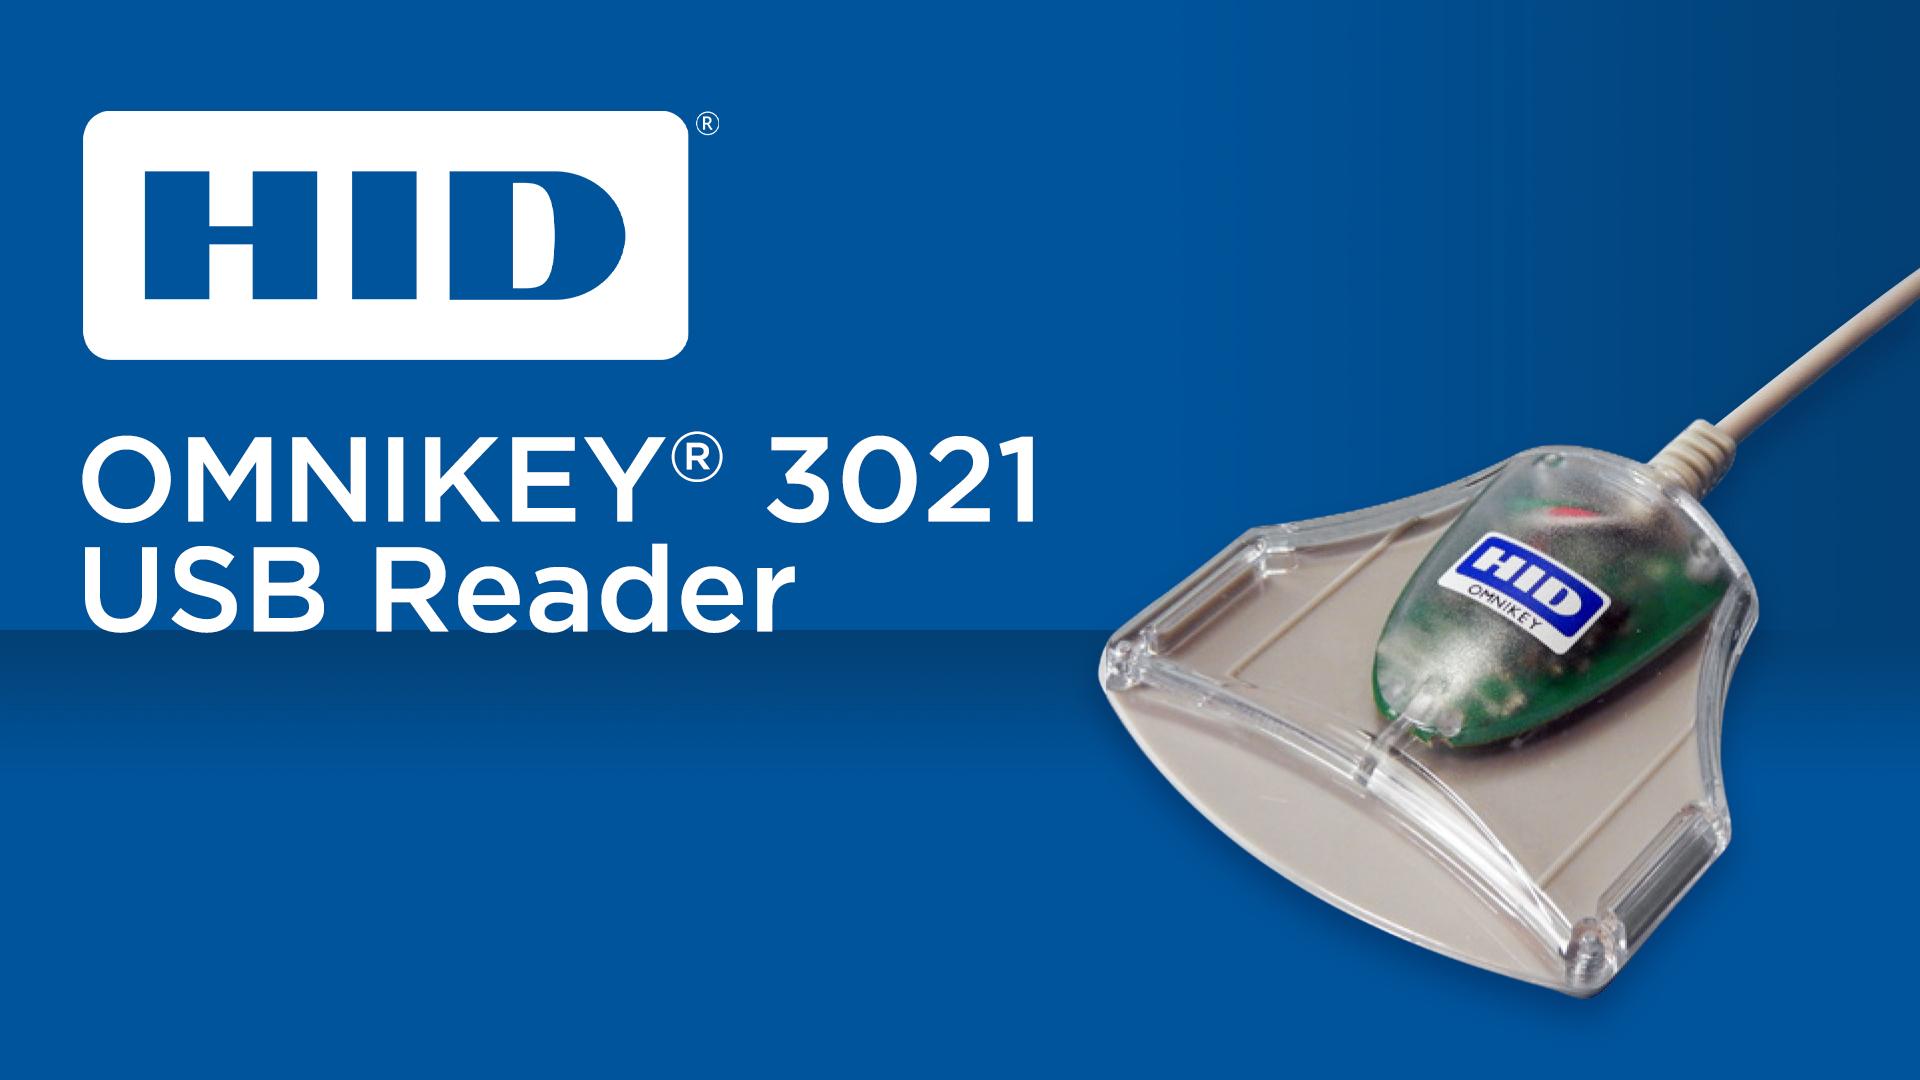 HID Omnikey 3021 USB Reader